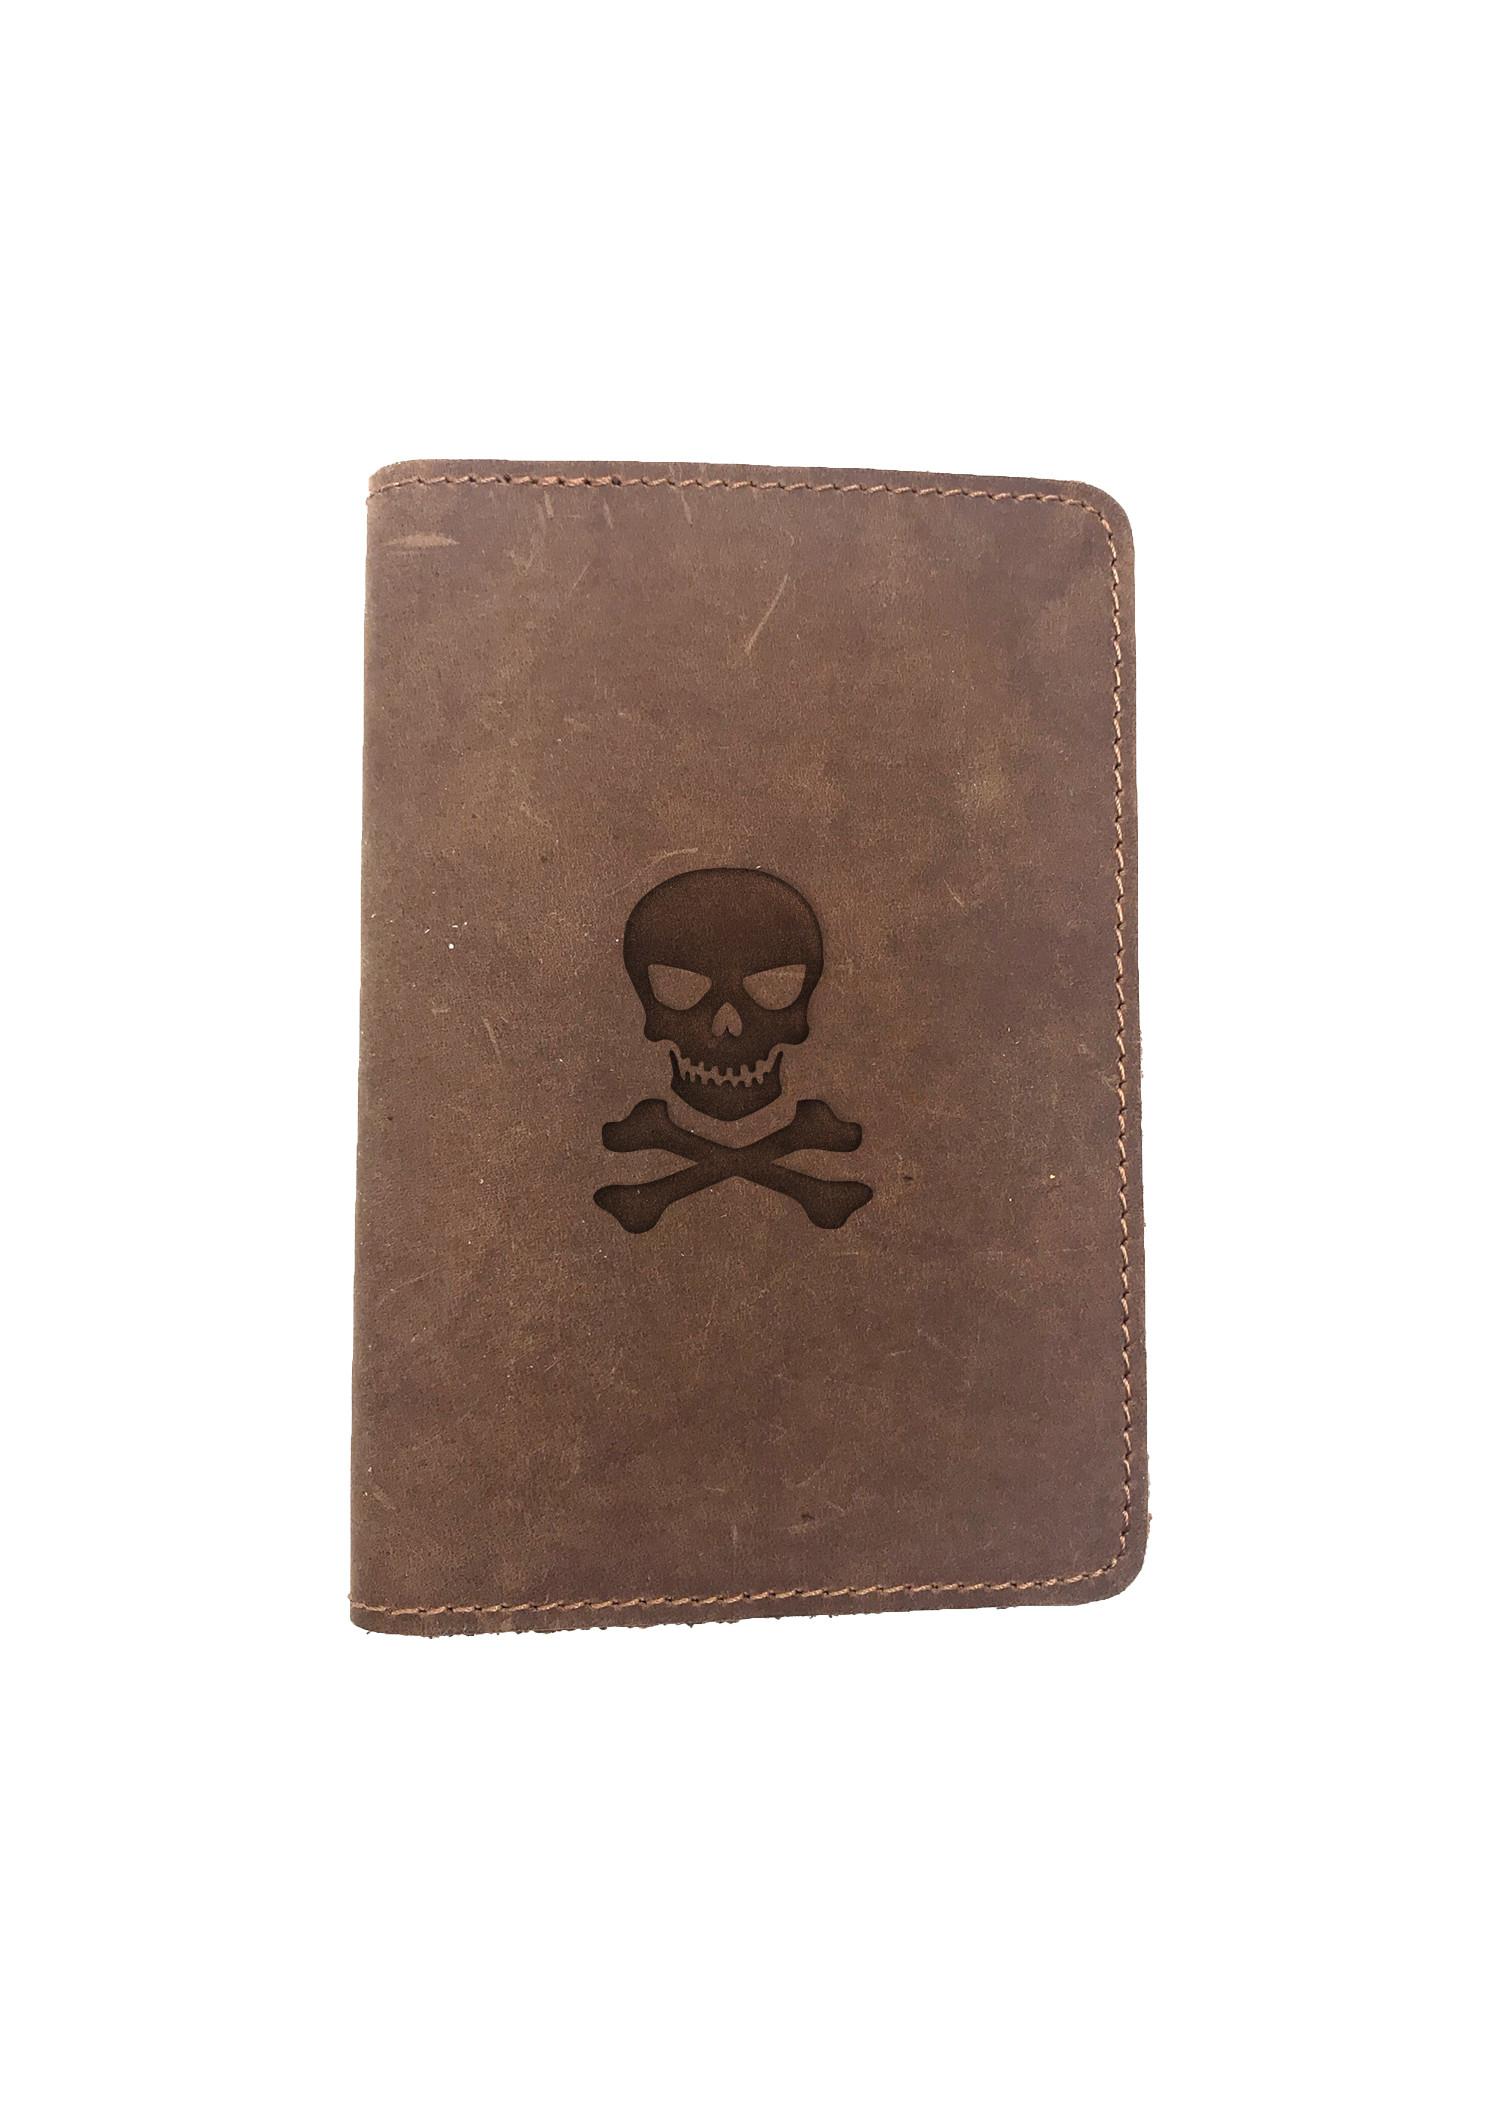 Passport Cover Bao Da Hộ Chiếu Da Sáp Khắc Hình Đầu lâu xương SKULL N CROSSBONES (BROWN)